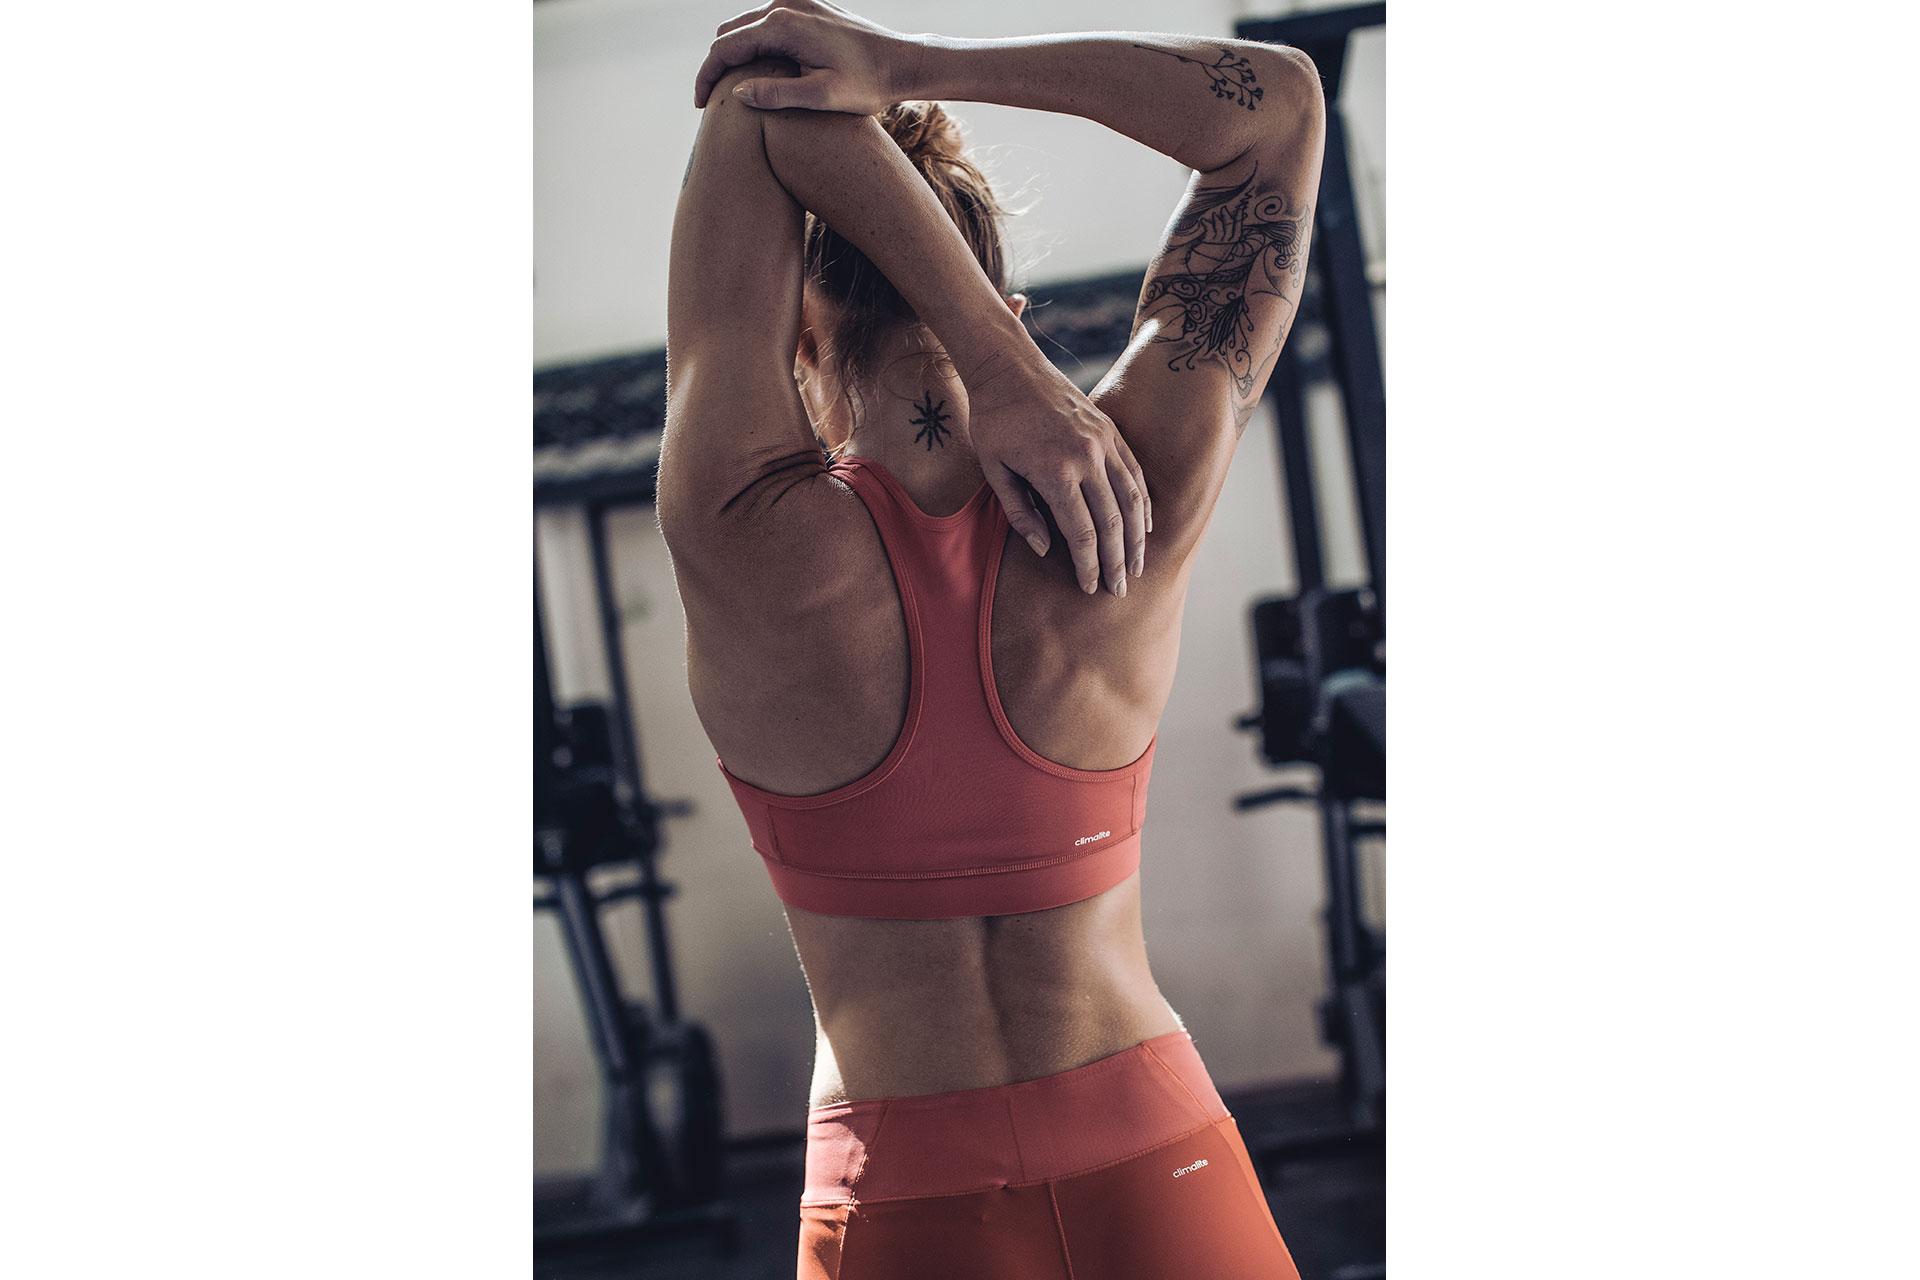 dehnen crossfit fotograf fitness training sport deutschland muenchen